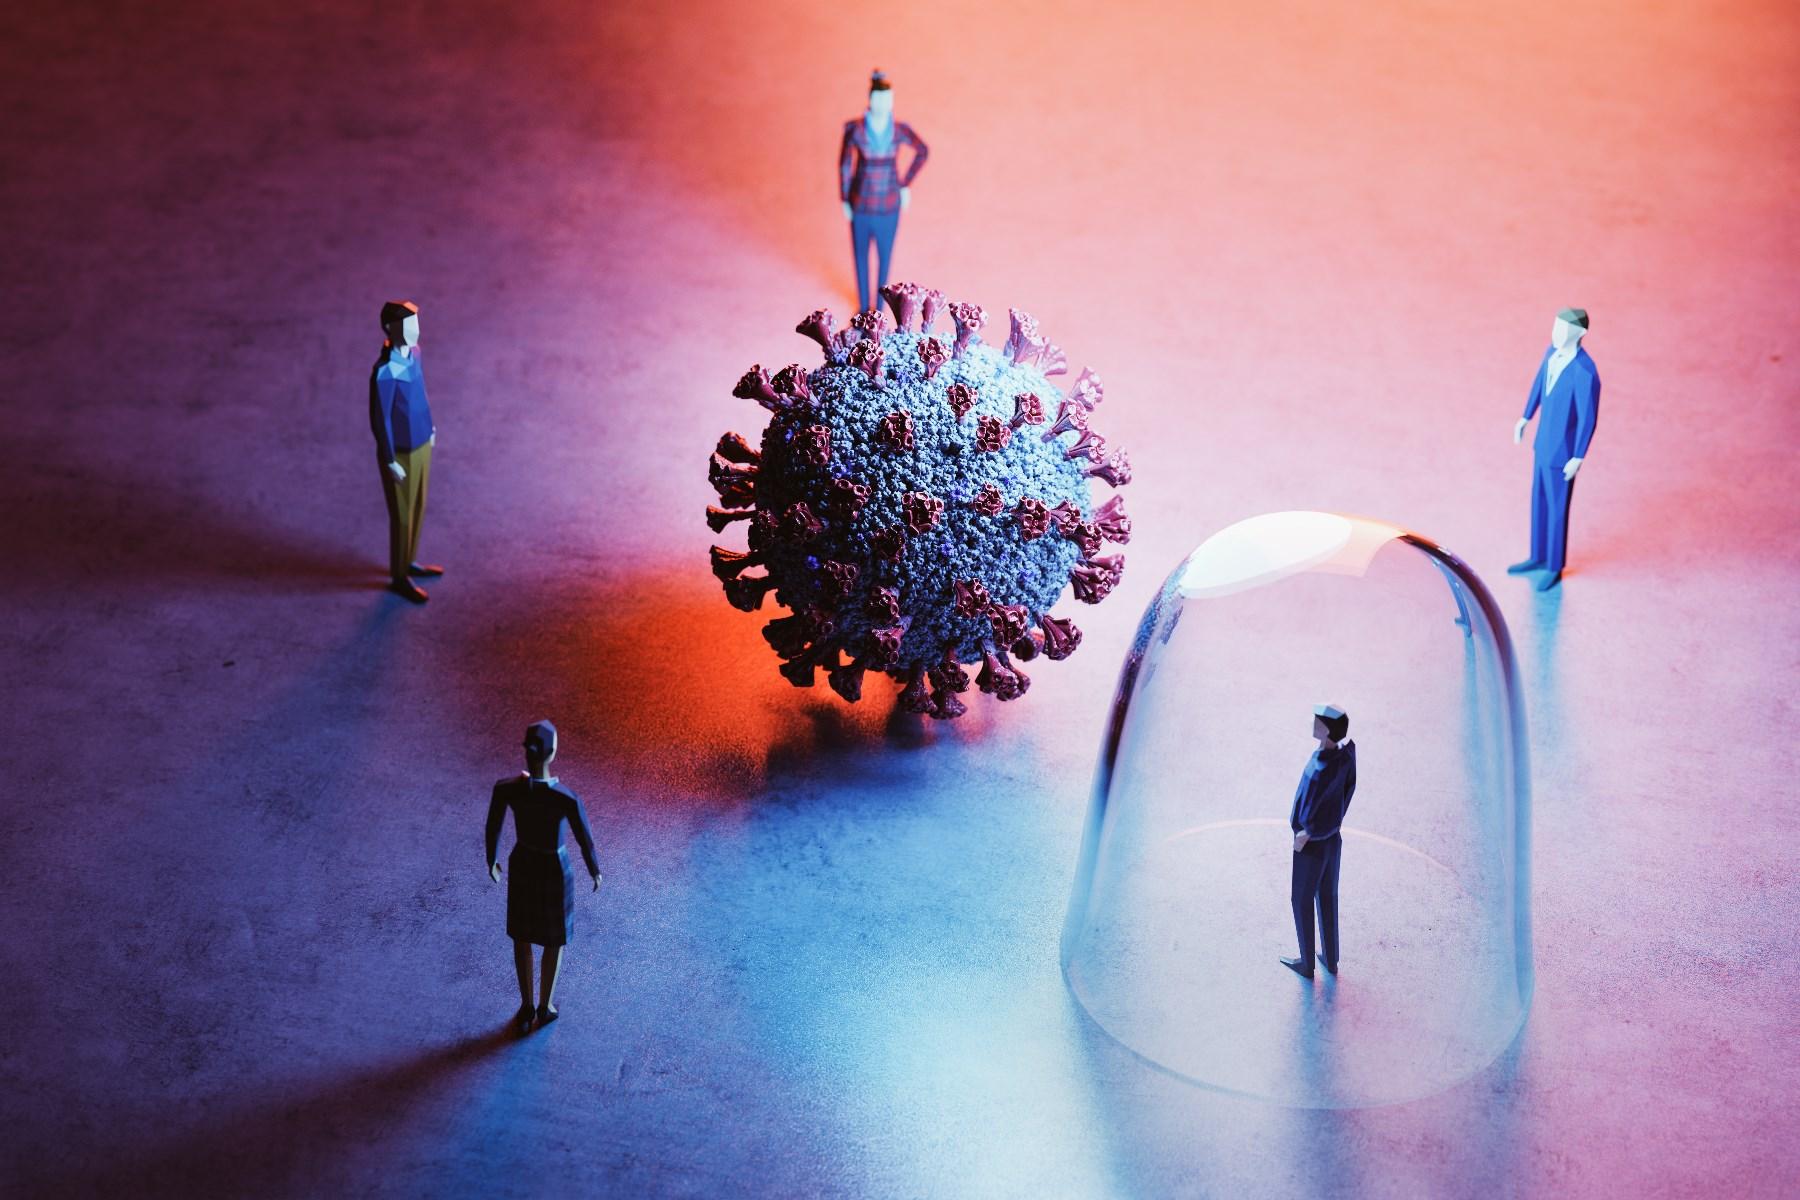 Beschlussantrag | COVID-19: Immunitätsnachweis als Strategie zur Pandemiebekämpfung bewerten